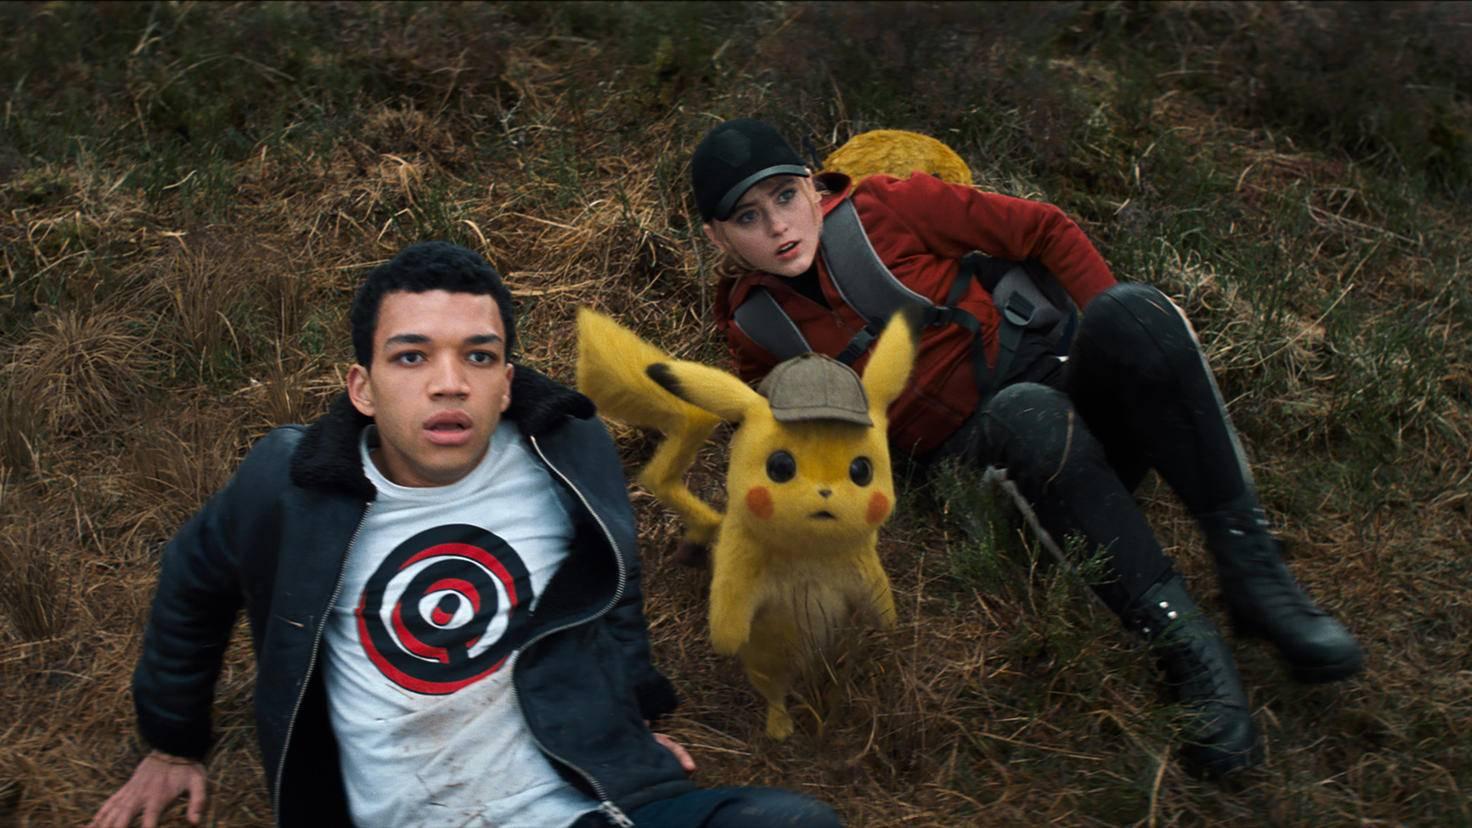 Tim (links im Bild) will tatsächlich kein eigenes Monster als Partner haben ...